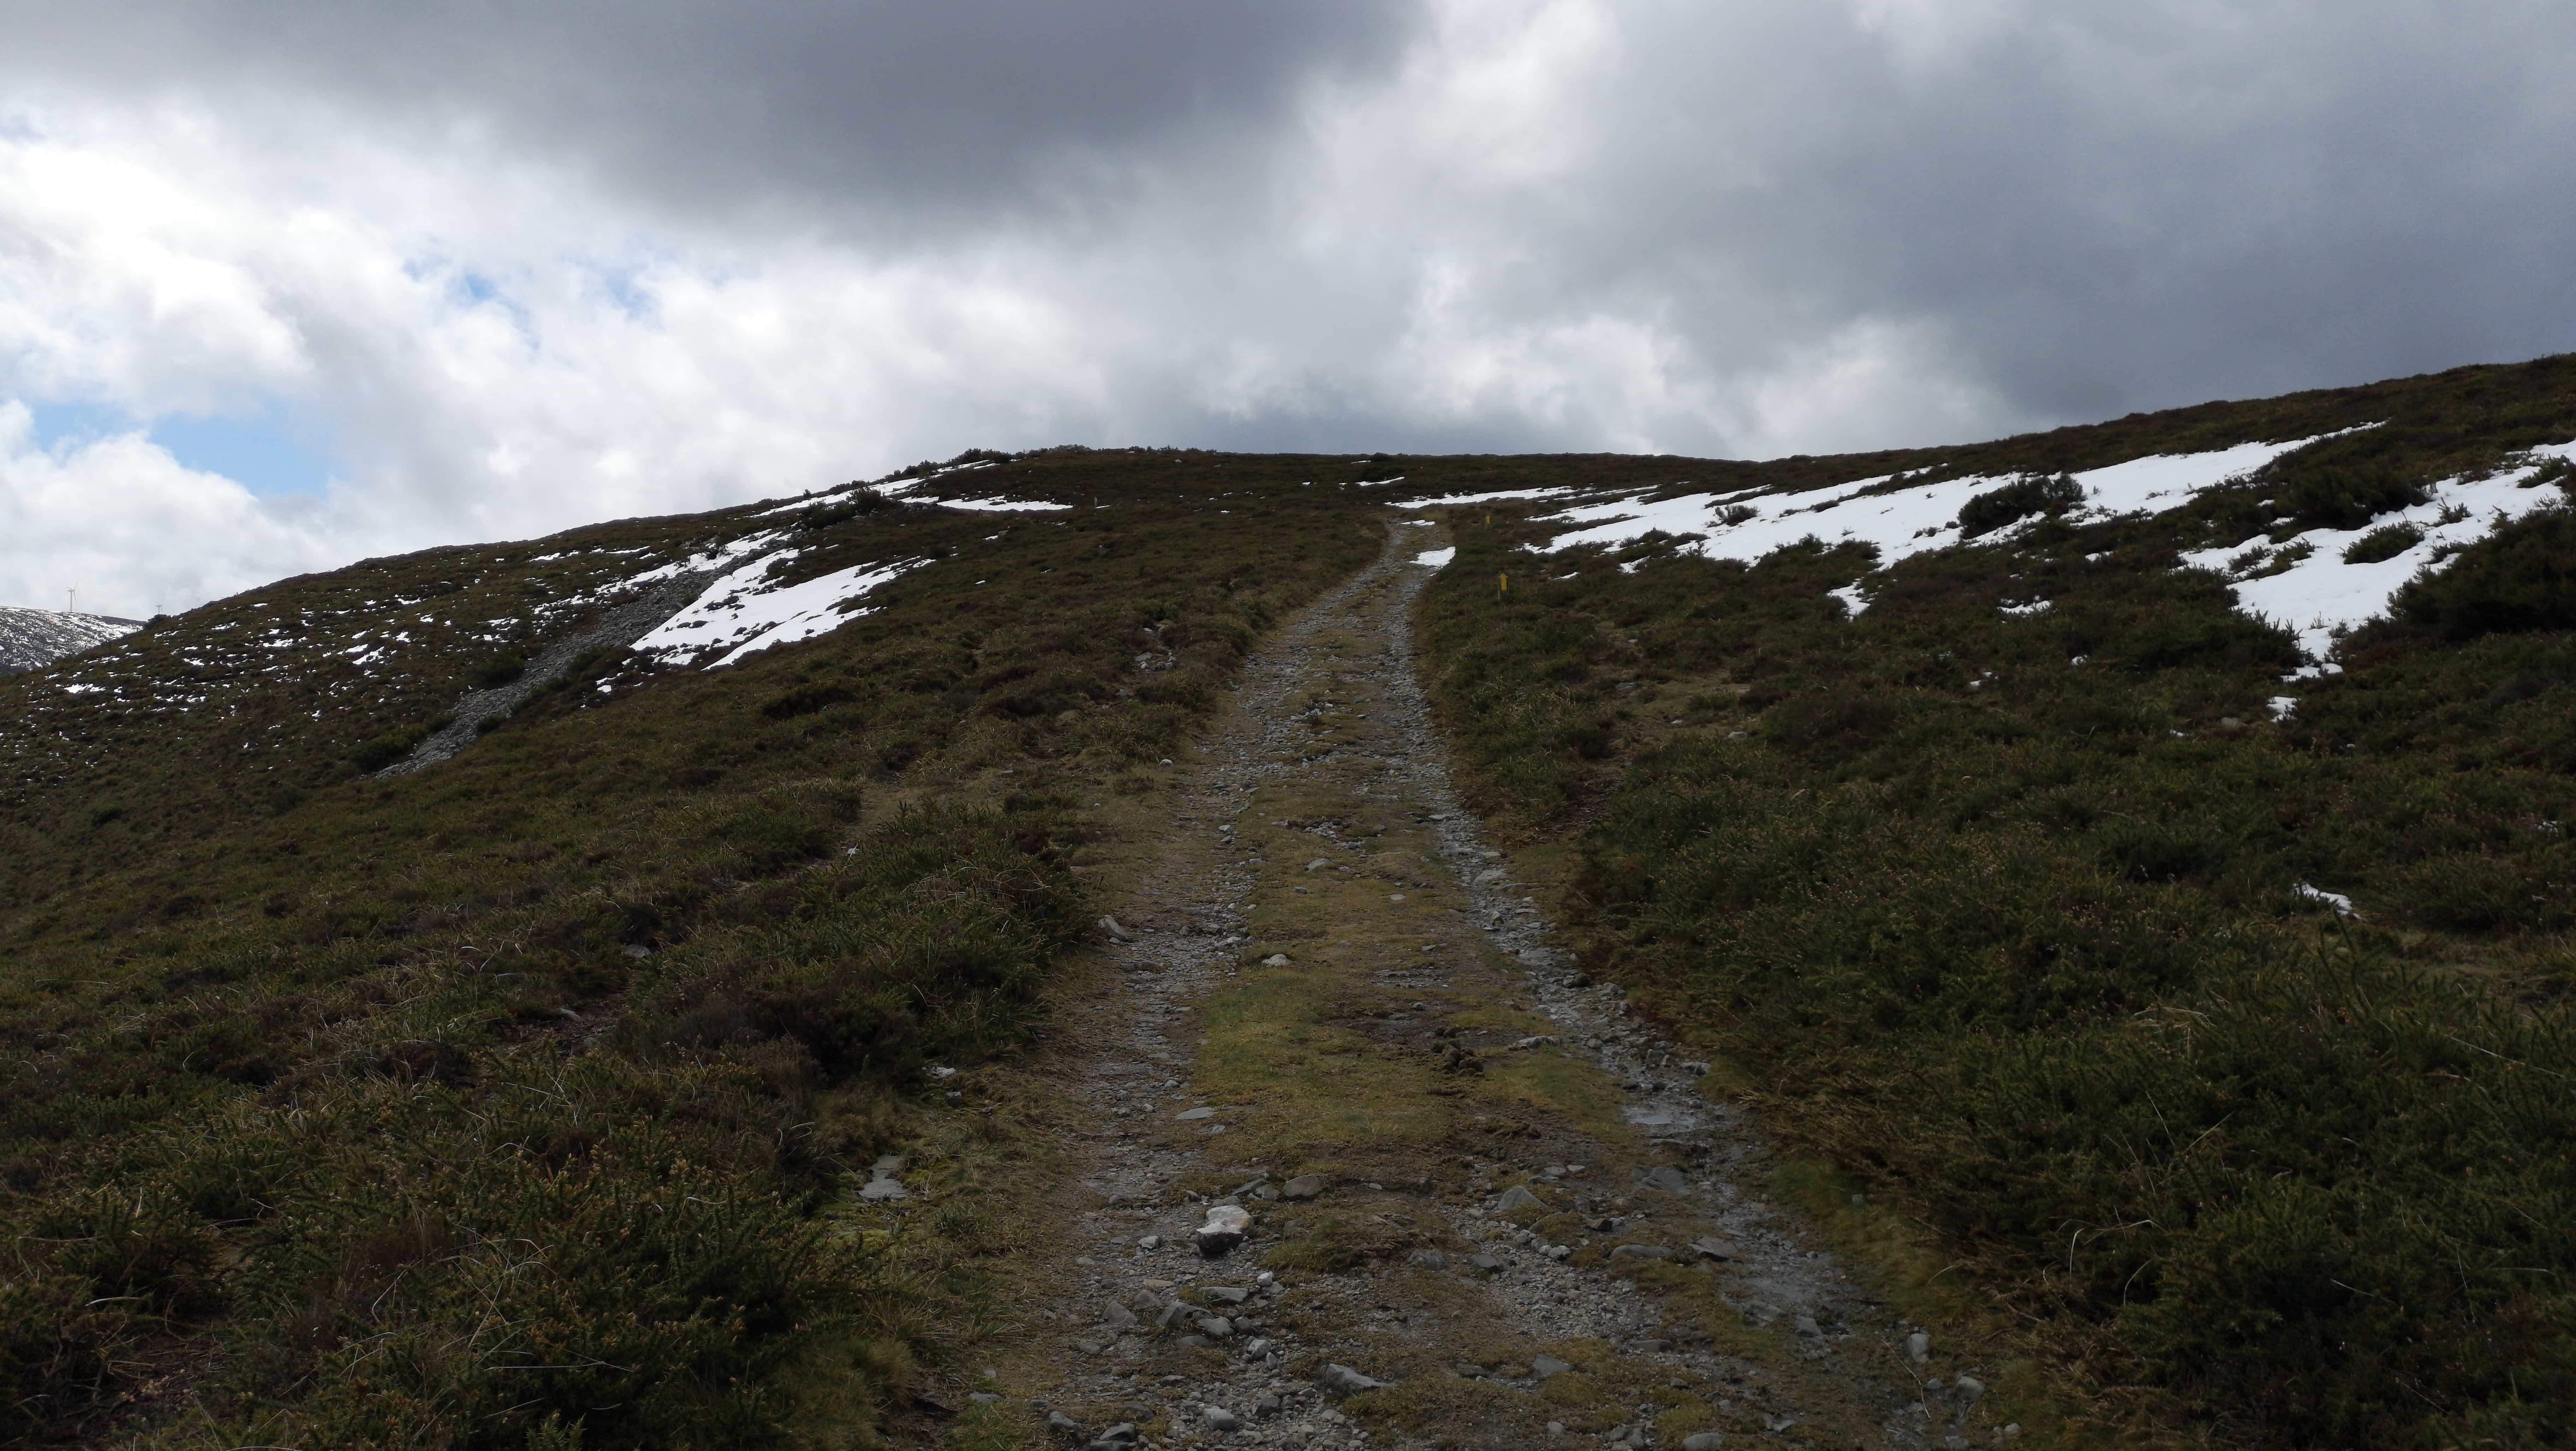 Oben auf dem Camino Primitivo liegt noch Schnee